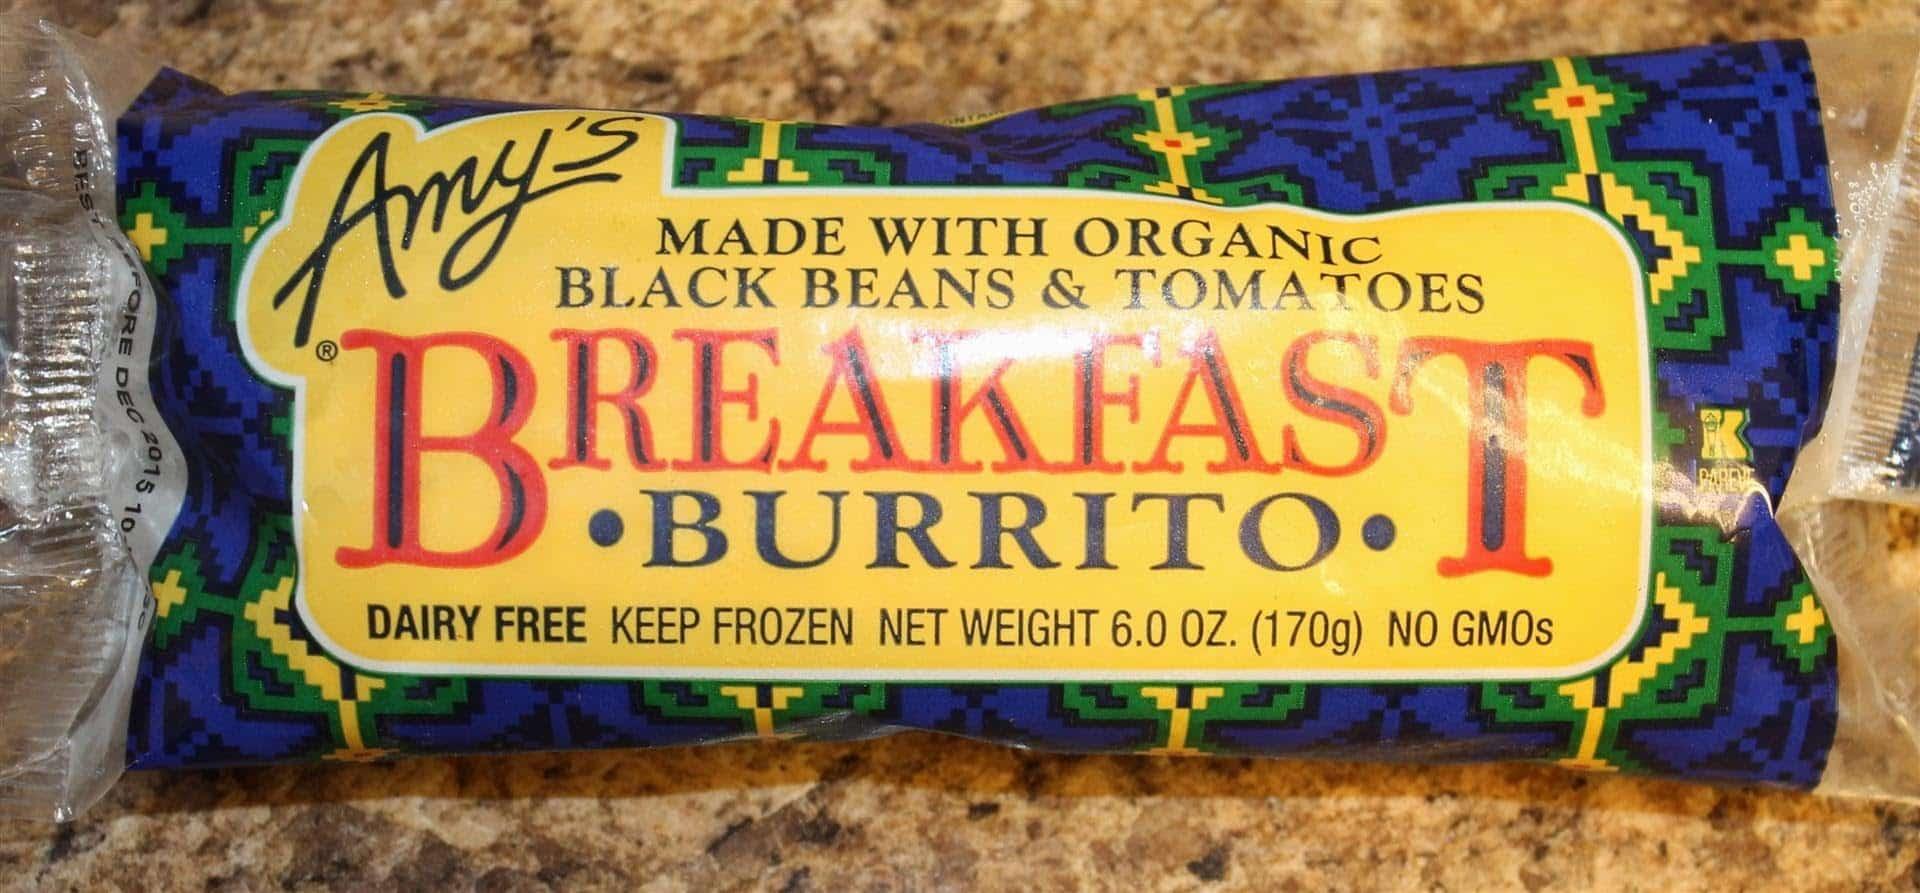 Amy's Breakfast Burrito Health Frozen Foods